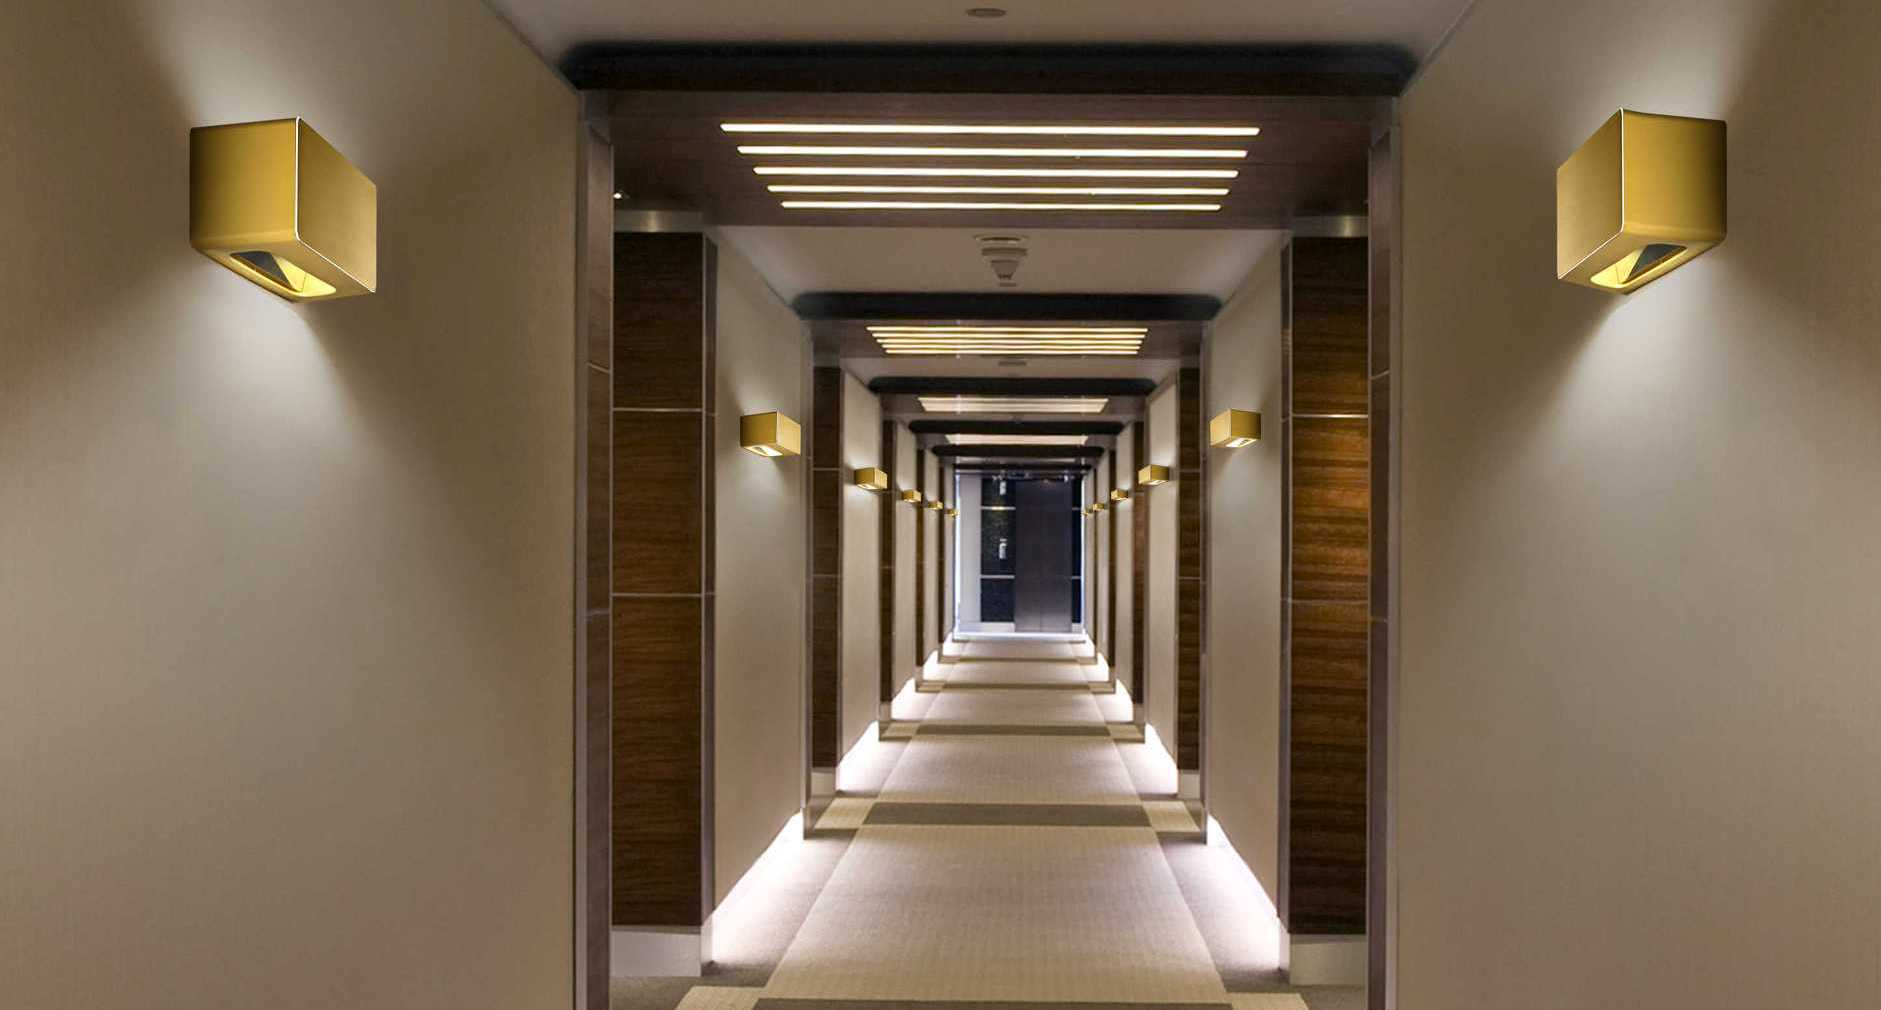 Proyectos De Hoteles Modernos Y De Dise O Espaciobetty Madrid ~ Tiendas De Muebles De Diseño En Madrid